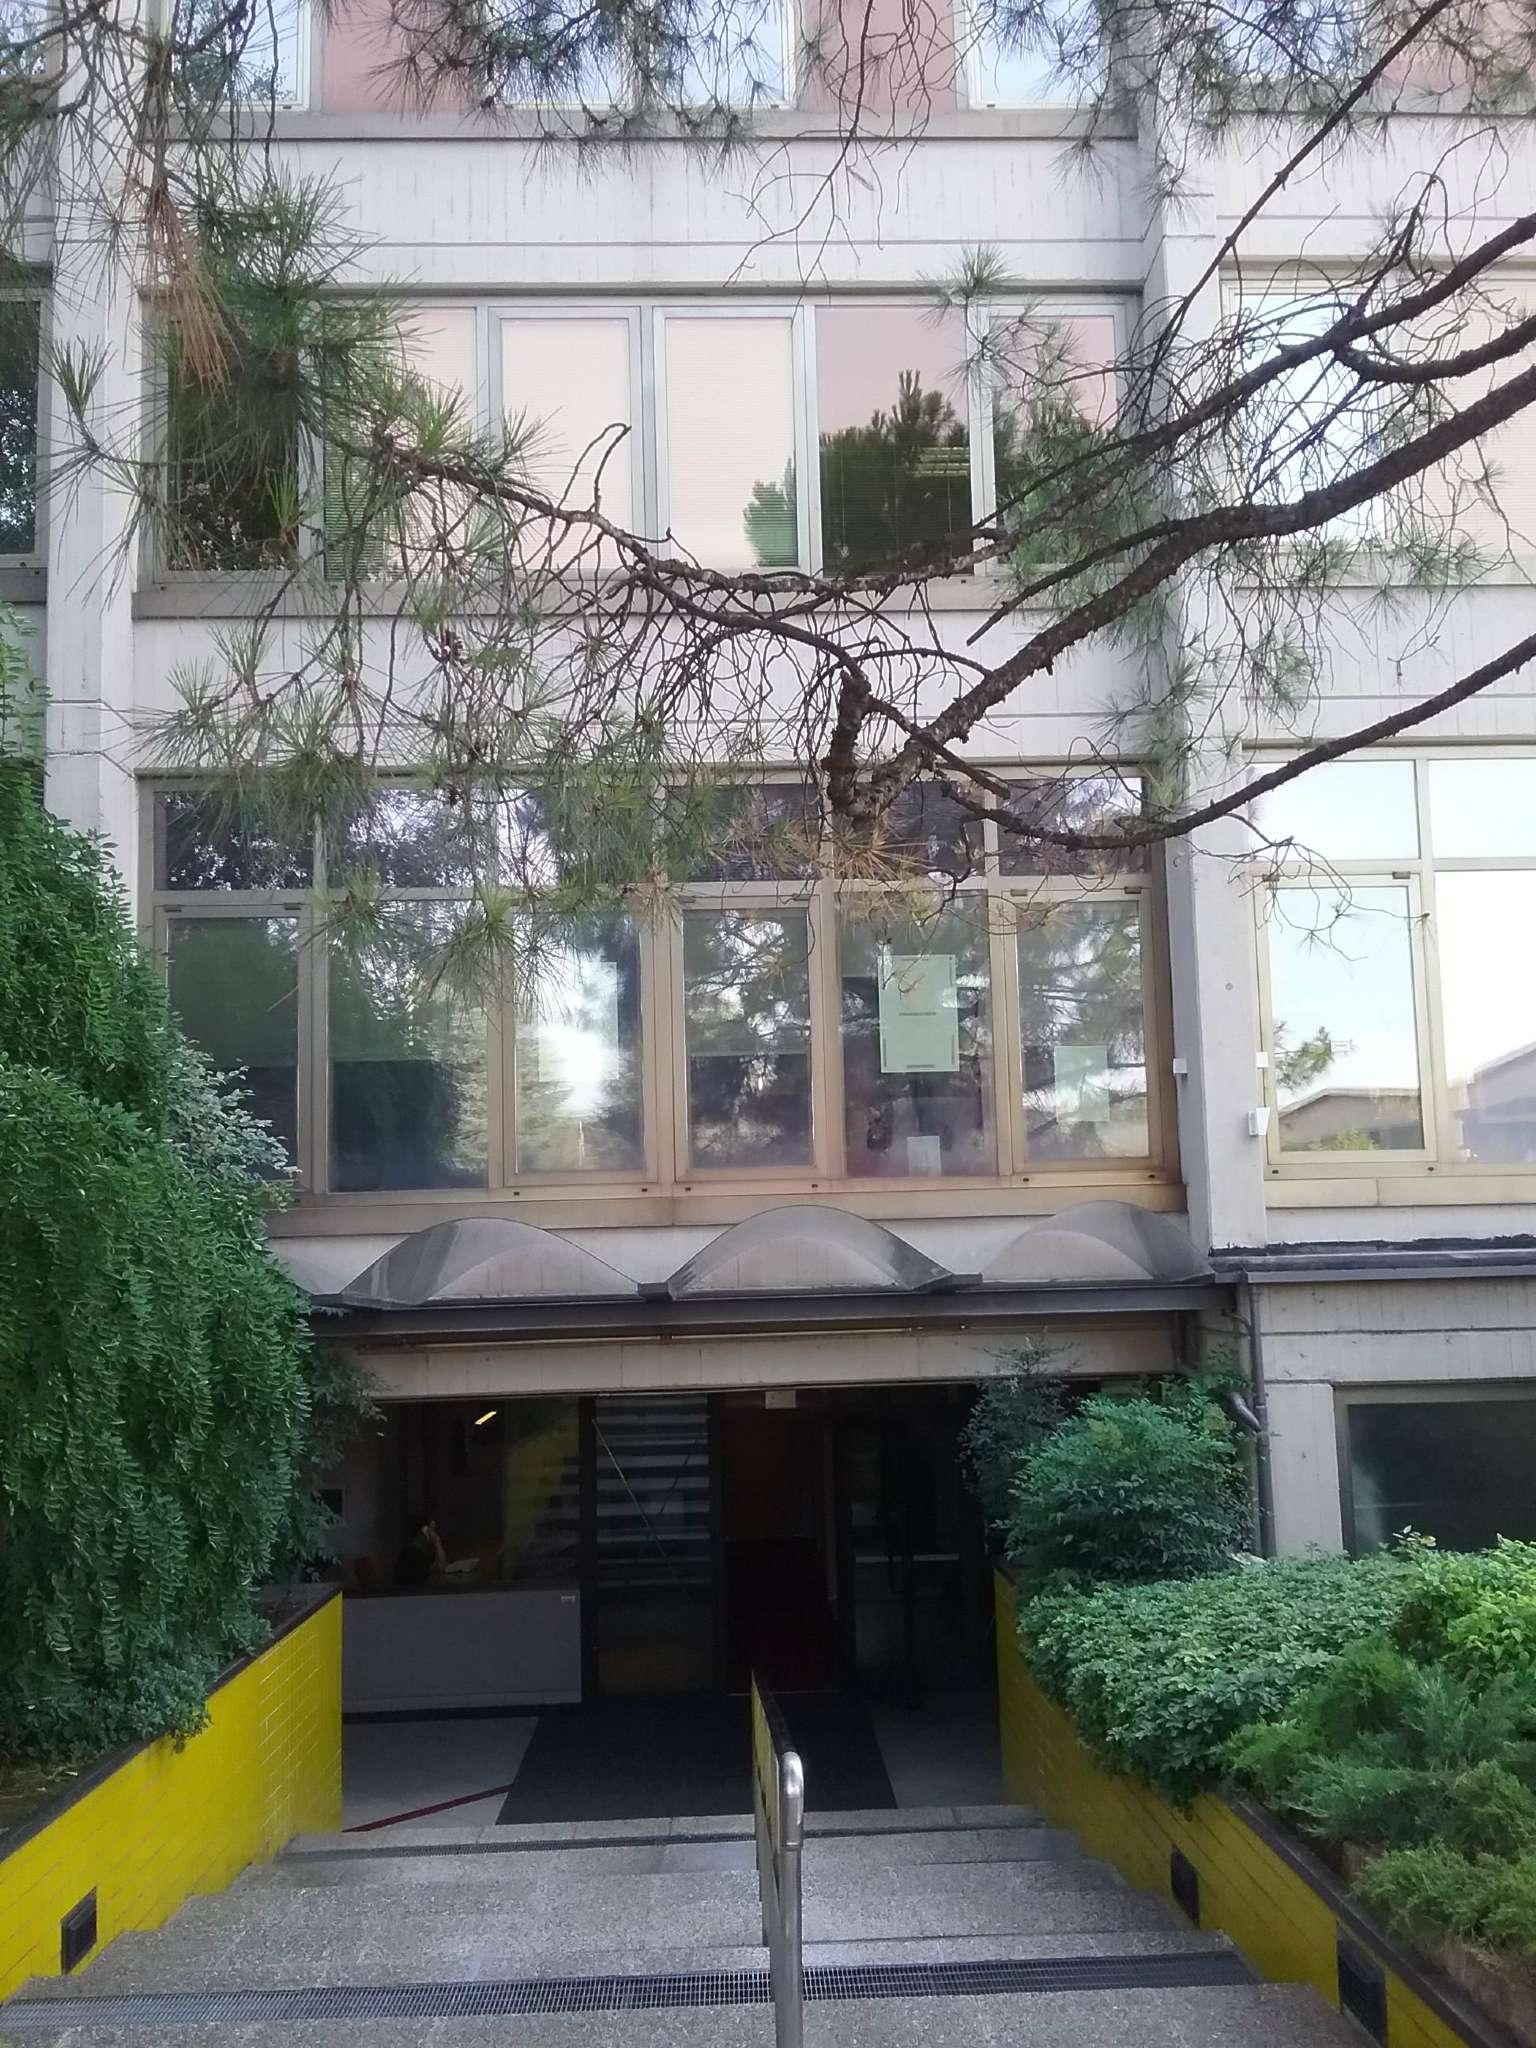 Ufficio / Studio in vendita a San Mauro Torinese, 2 locali, prezzo € 50.000 | CambioCasa.it